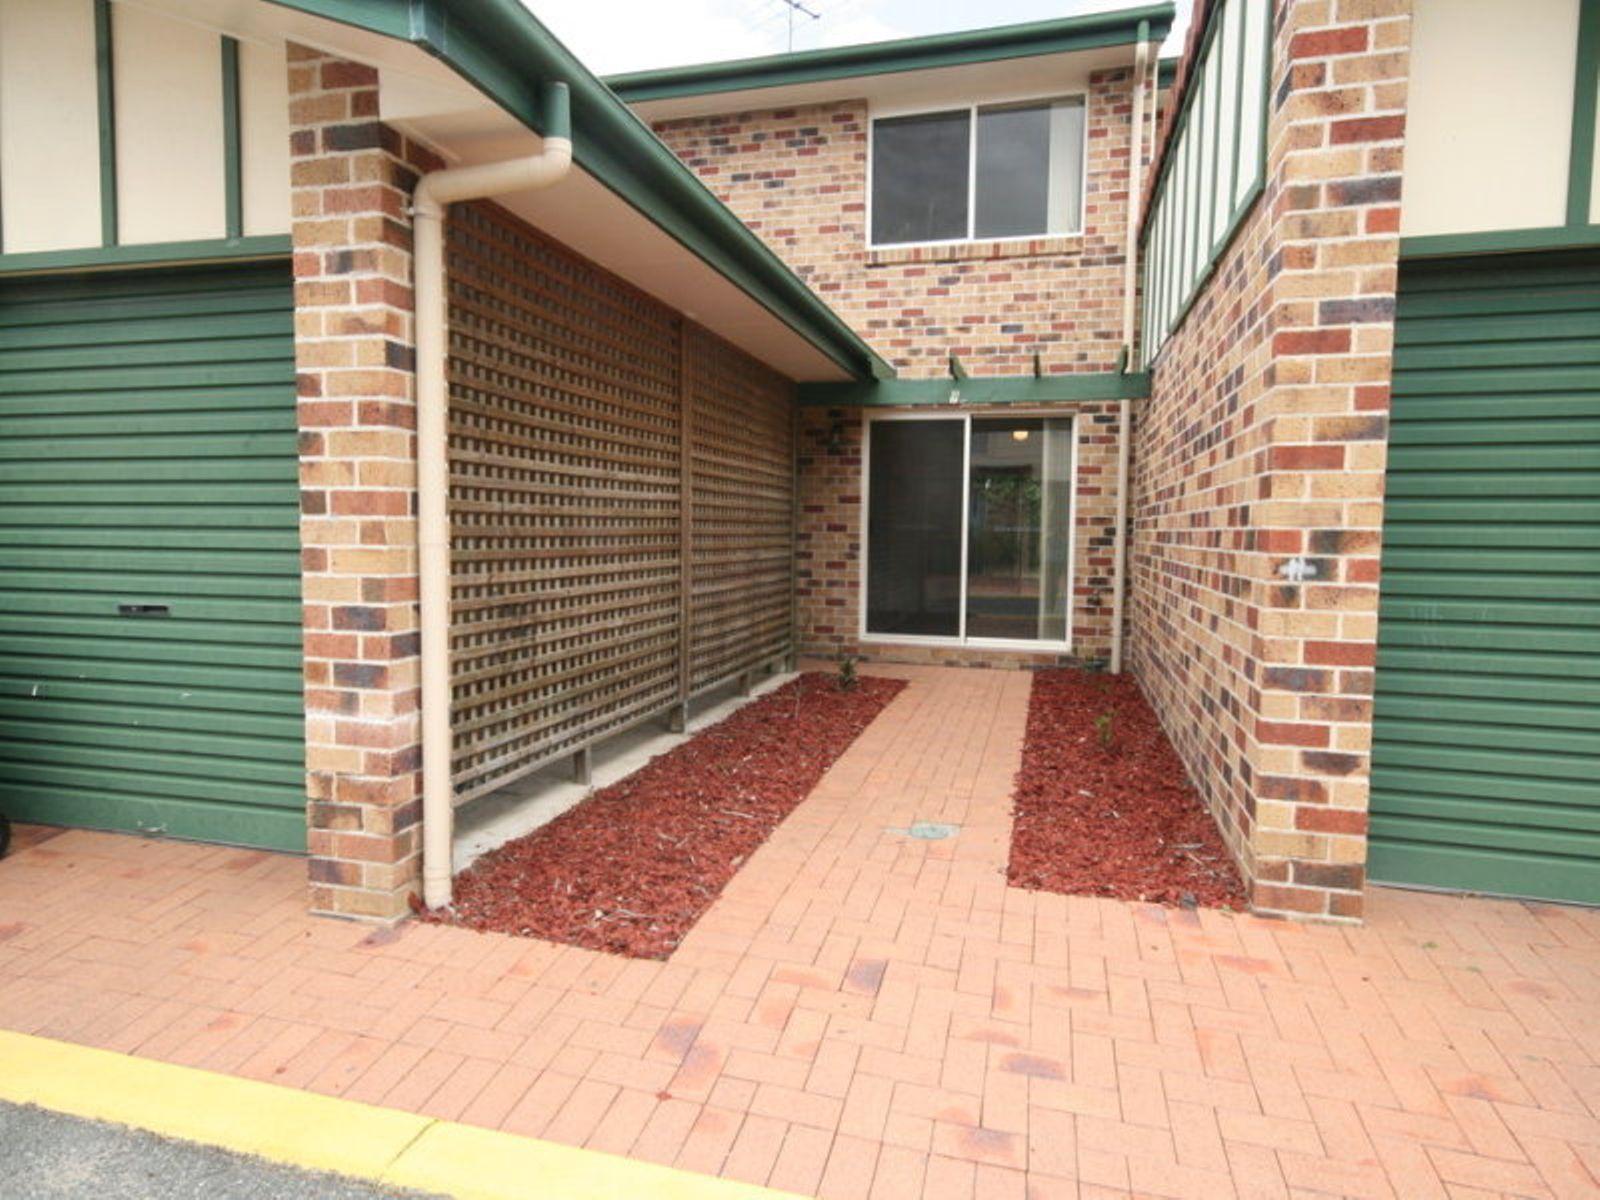 9/39 Maranda Street, Shailer Park, QLD 4128